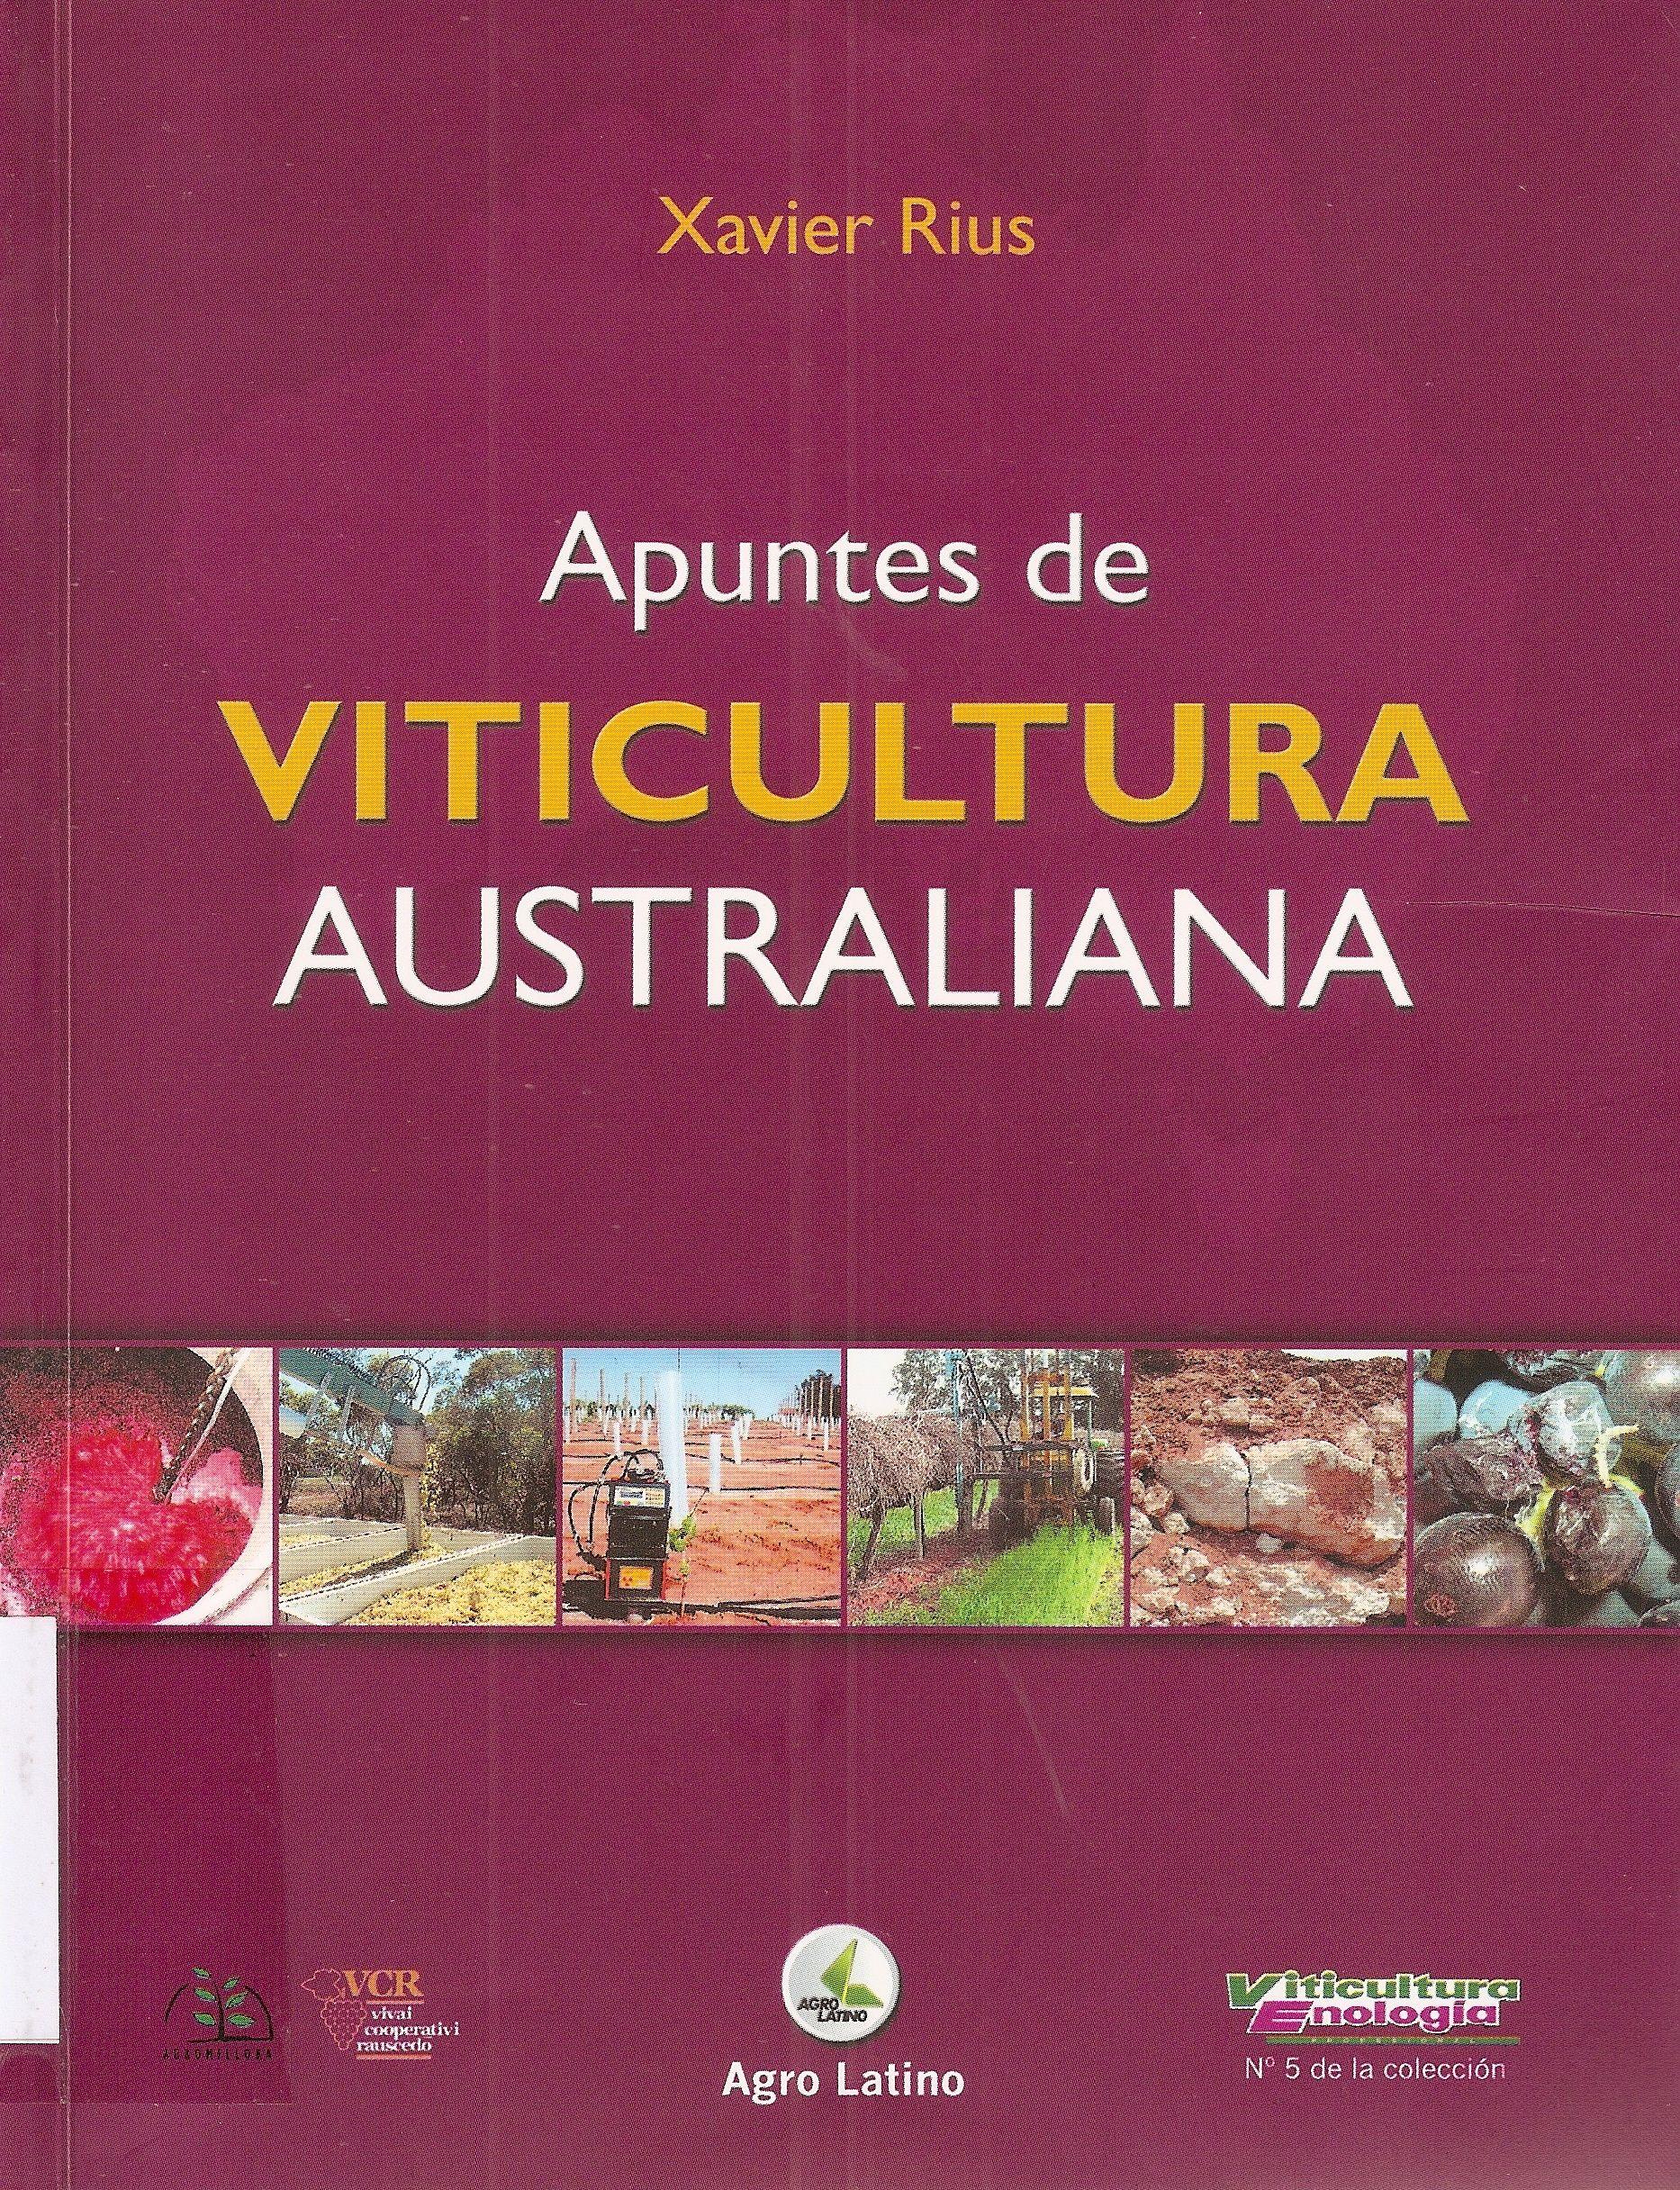 """Del 18 al 25 de mayo, por """"La revolución del material vegetal en la viticultura"""" y porque sus vinos están triunfando en el Viejo Mundo. http://roble.unizar.es/record=b1598583~S1"""